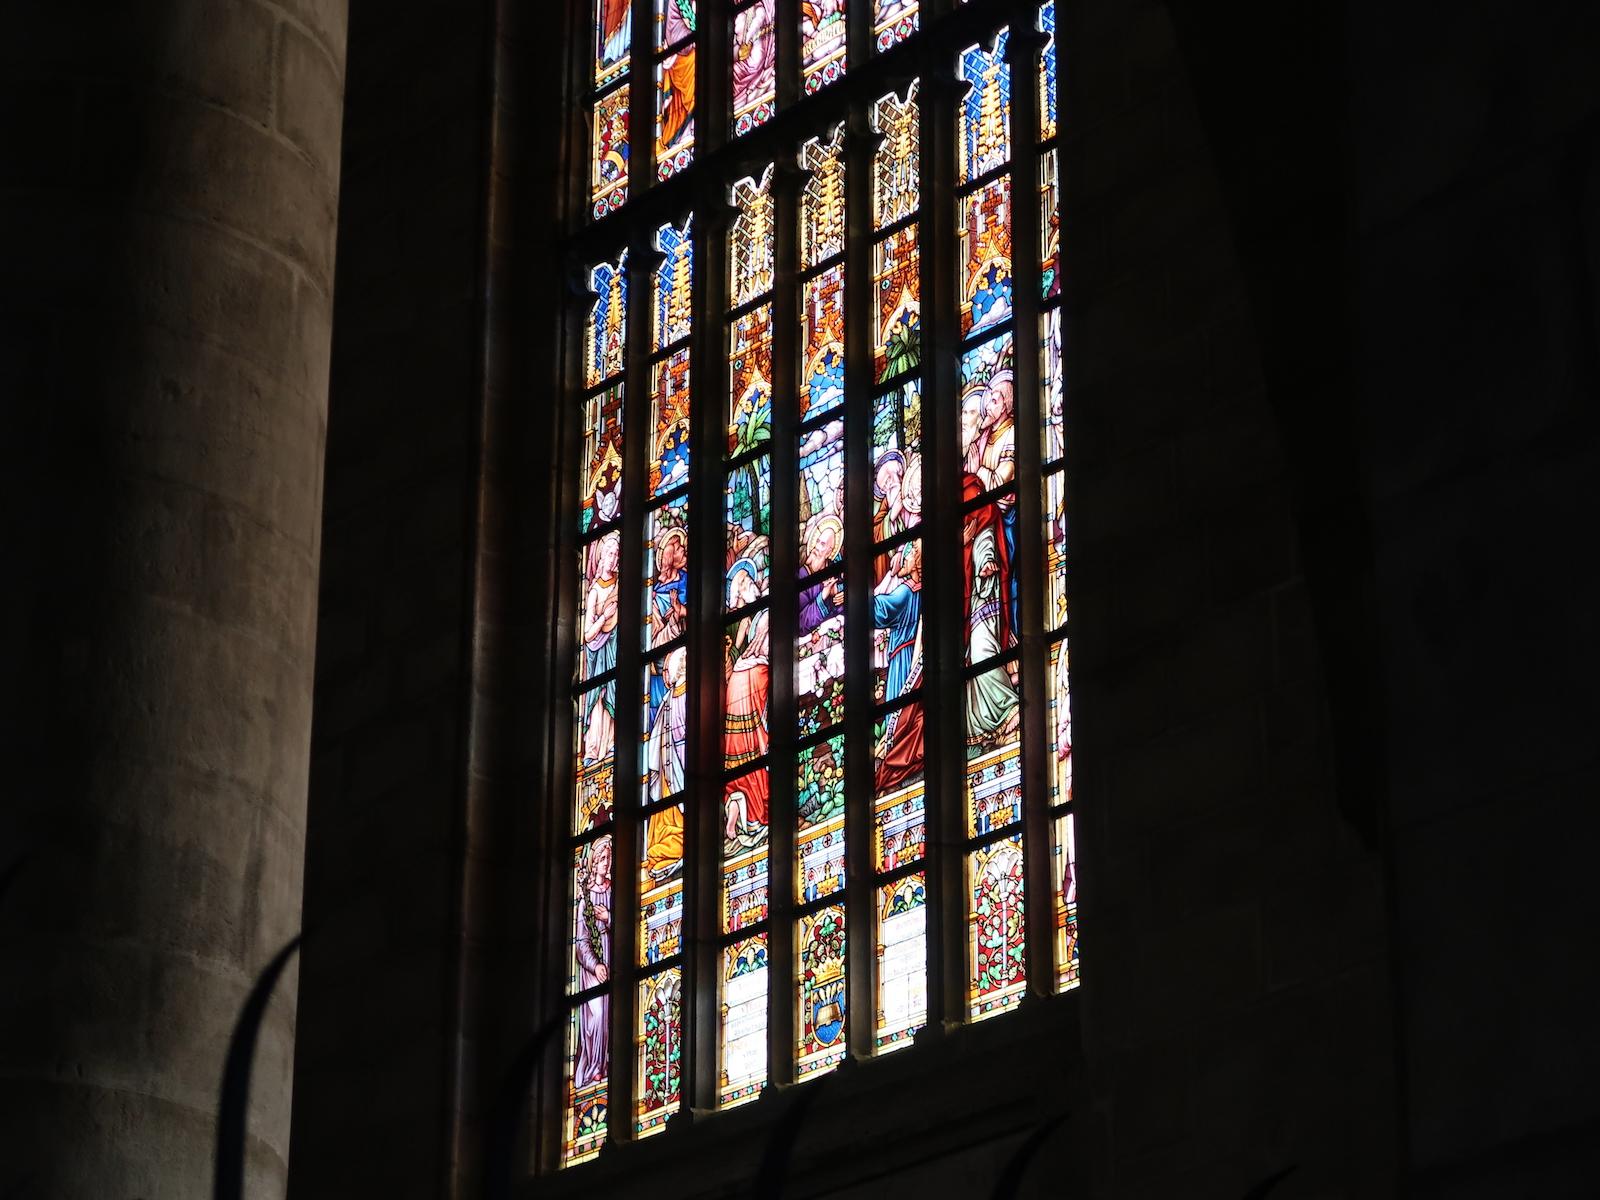 聖バルトロムニェイ聖堂 ステンドグラス